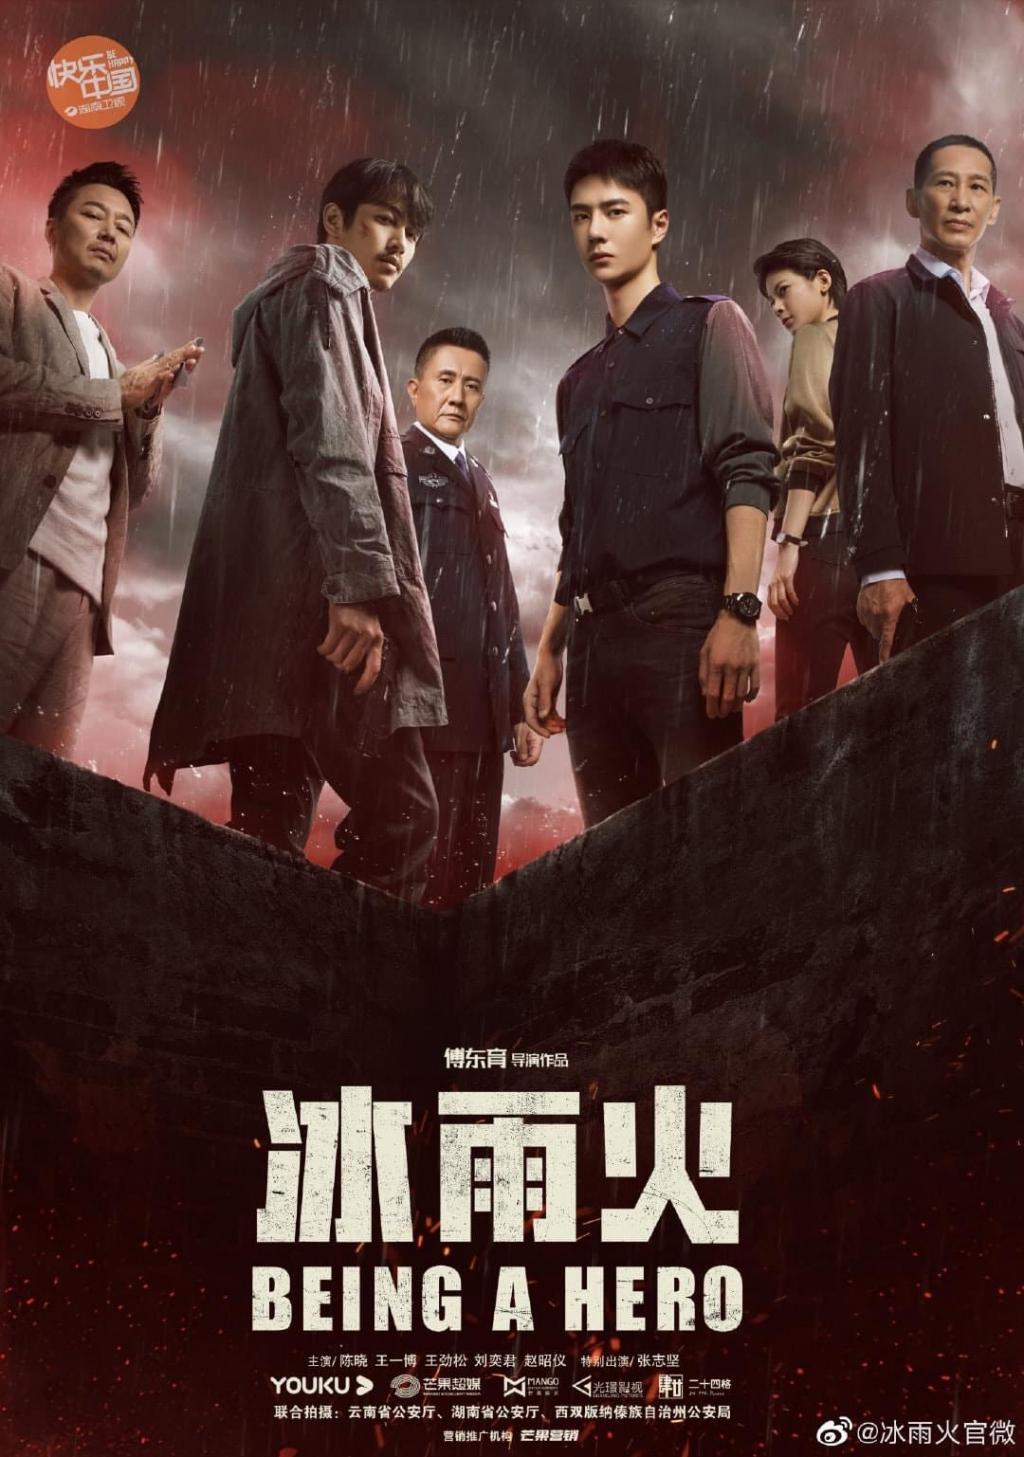 Không hẹn mà gặp, Tiêu Chiến và Vương Nhất Bác cùng tung trailer phim mới, hứa hẹn đối đầu nảy lửa!